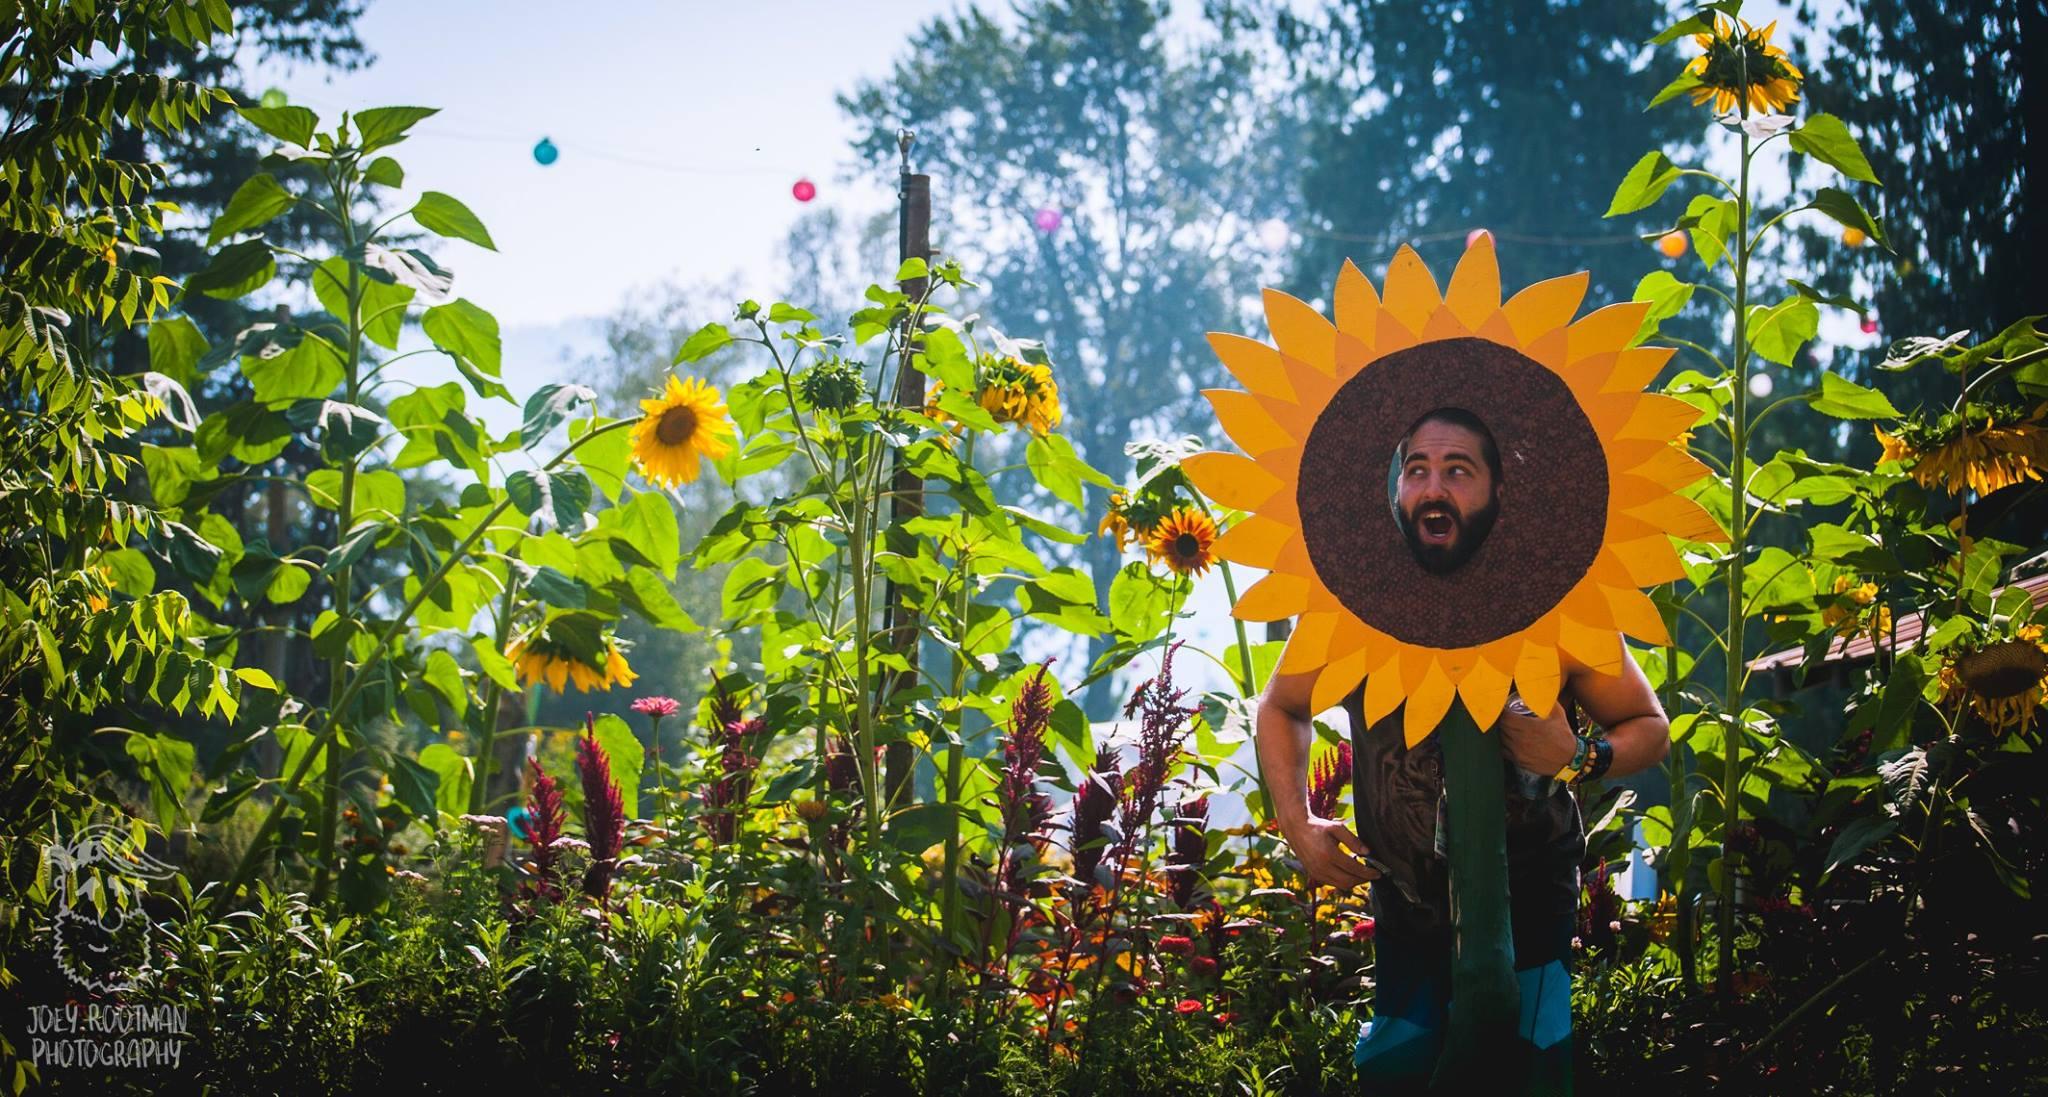 Shambhala 2018 Sunflower Guy Joey Rootman